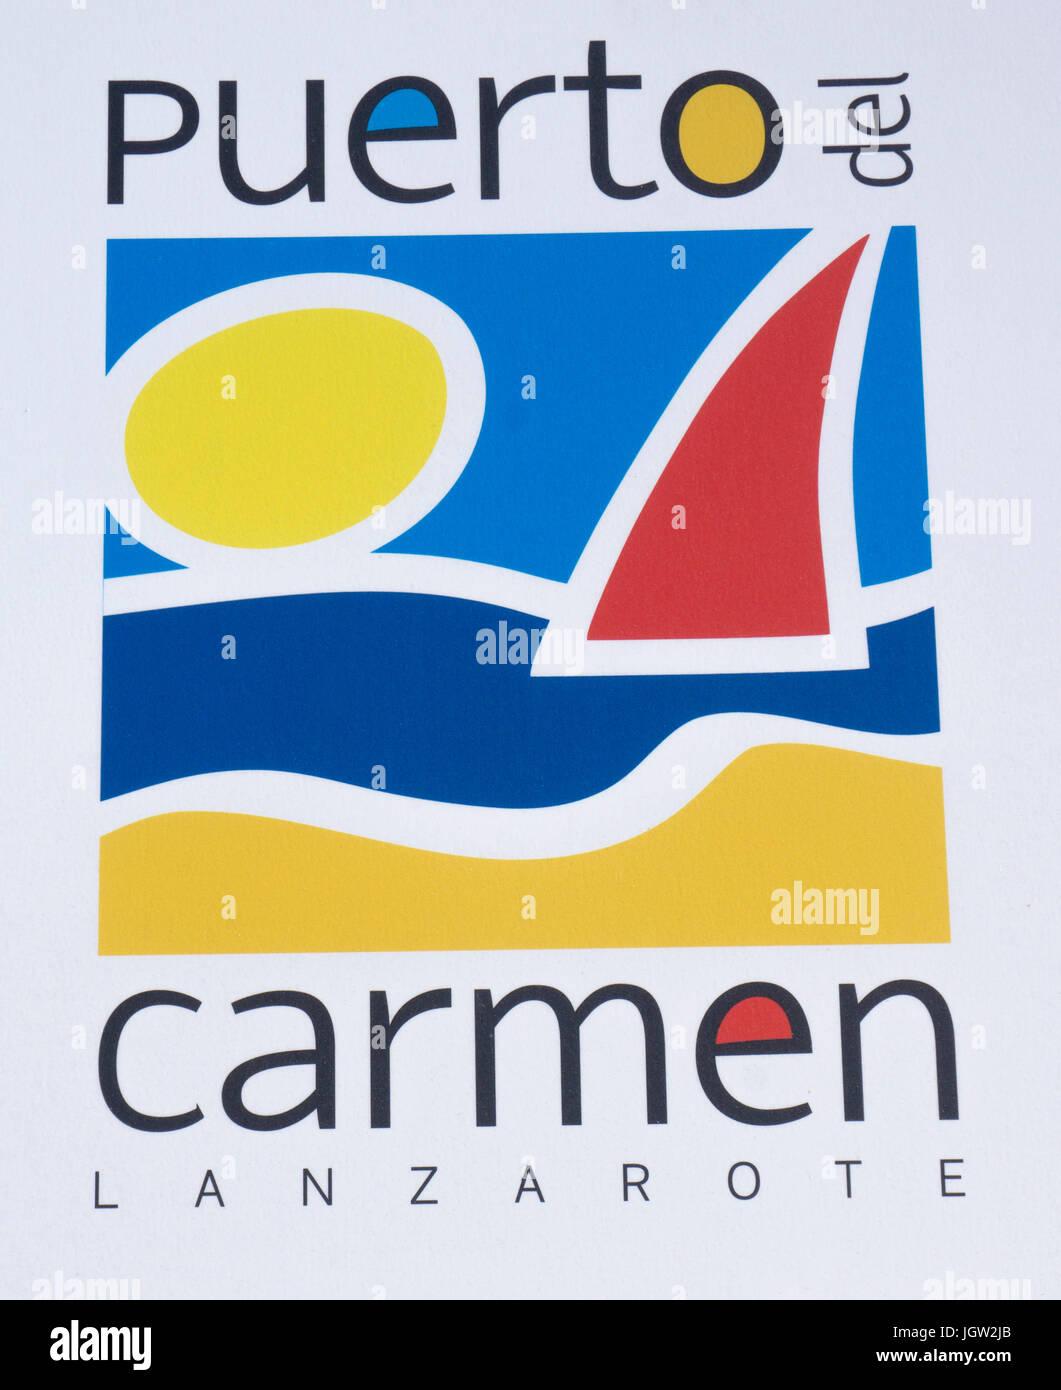 Logo von Puerto del Carmen, touristische Stadt auf der Insel Lanzarote, Kanarische Inseln, Spanien, Europa Stockbild